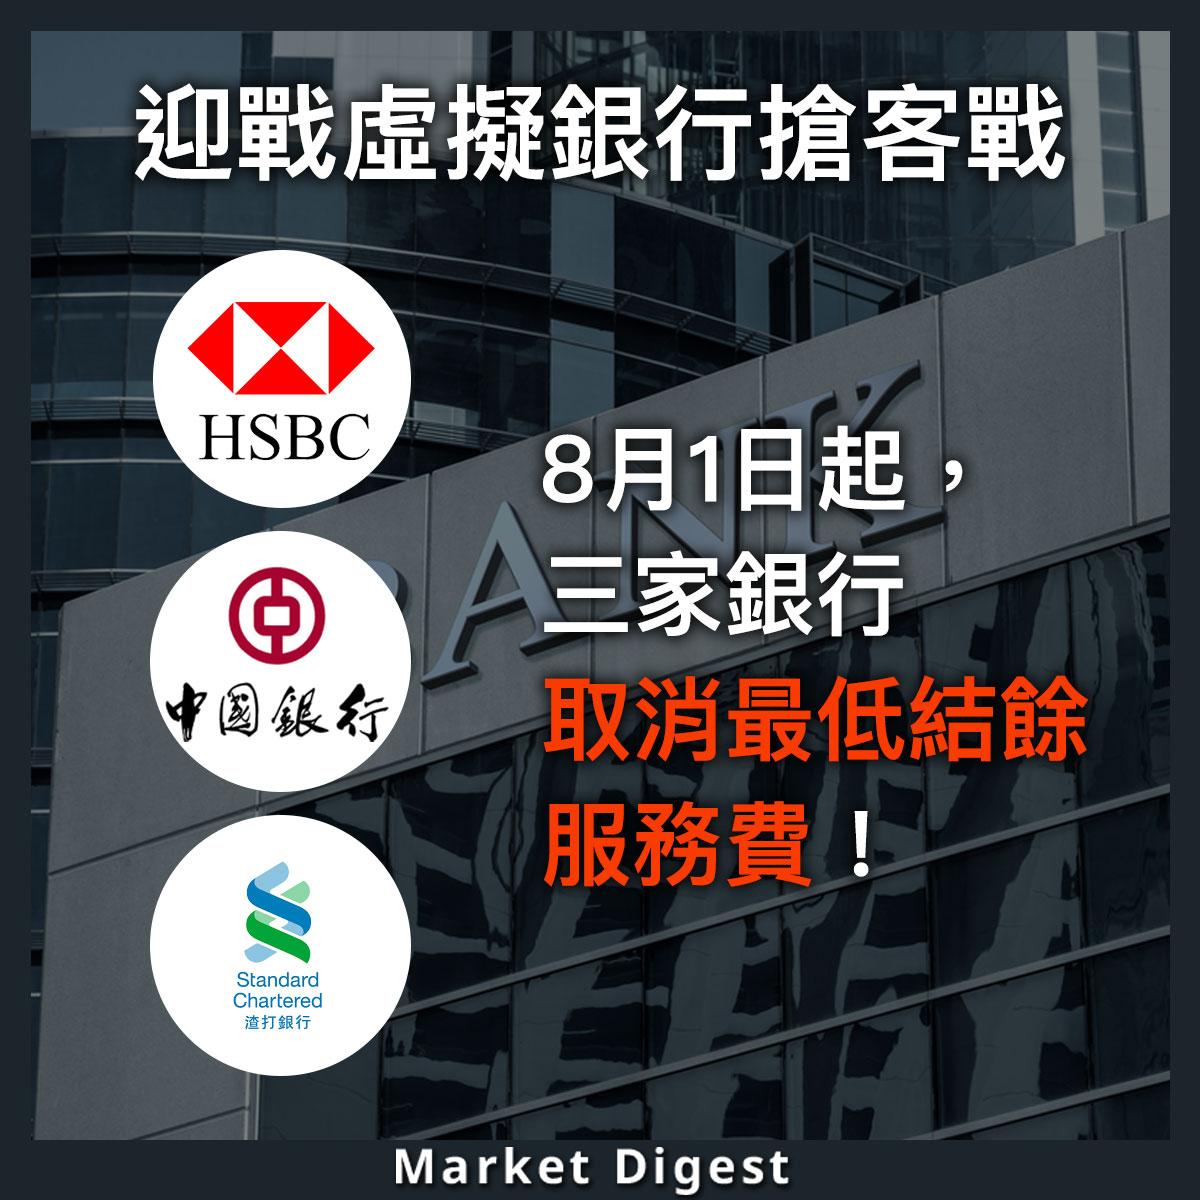 渣打跟隨匯豐及中銀,於8月1日取消個人戶口最低收費